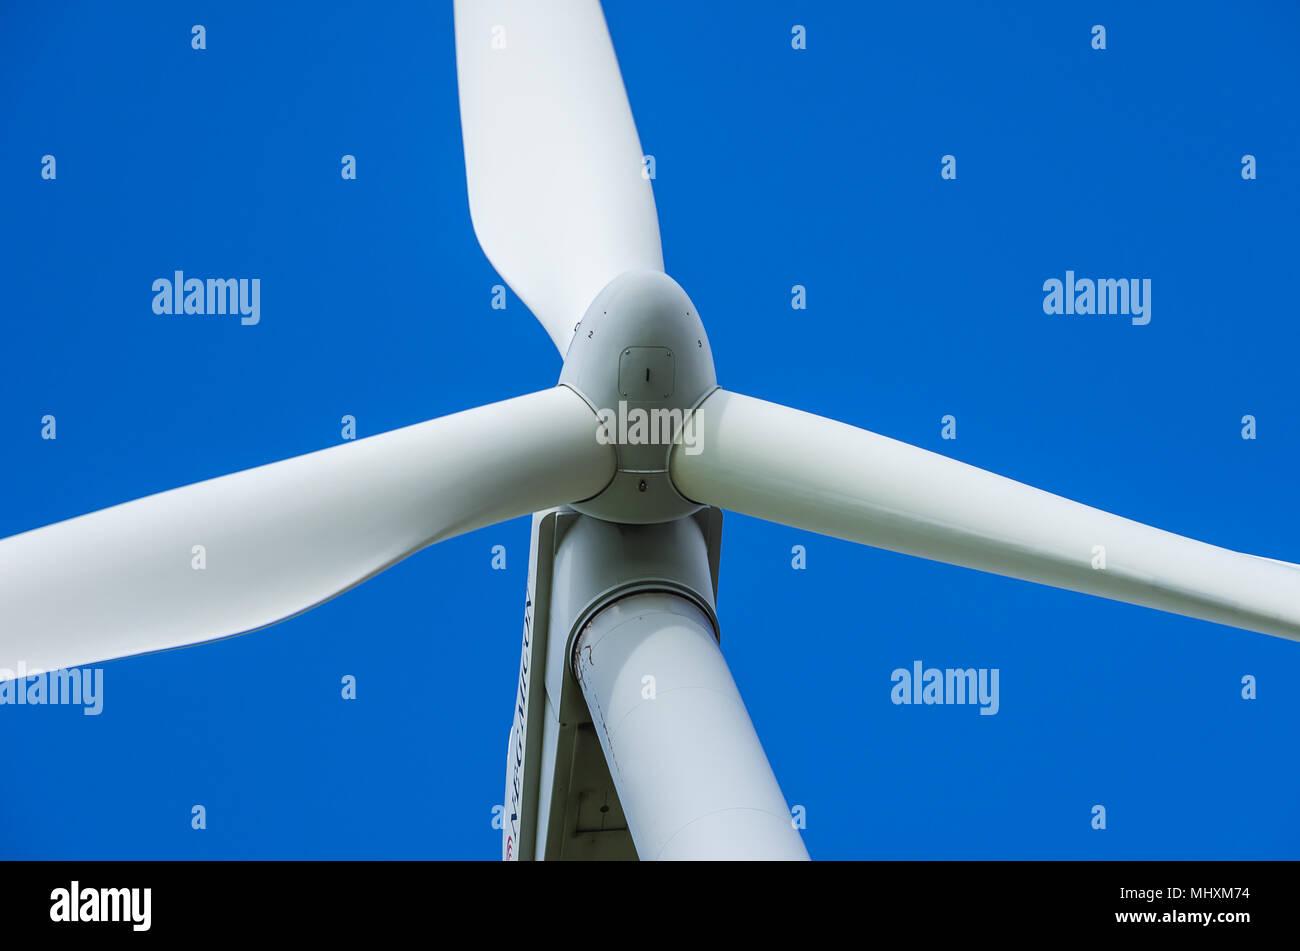 Eine Windenergieanlage ist ein Wind-betriebenen elektrischen Generator. Stockfoto